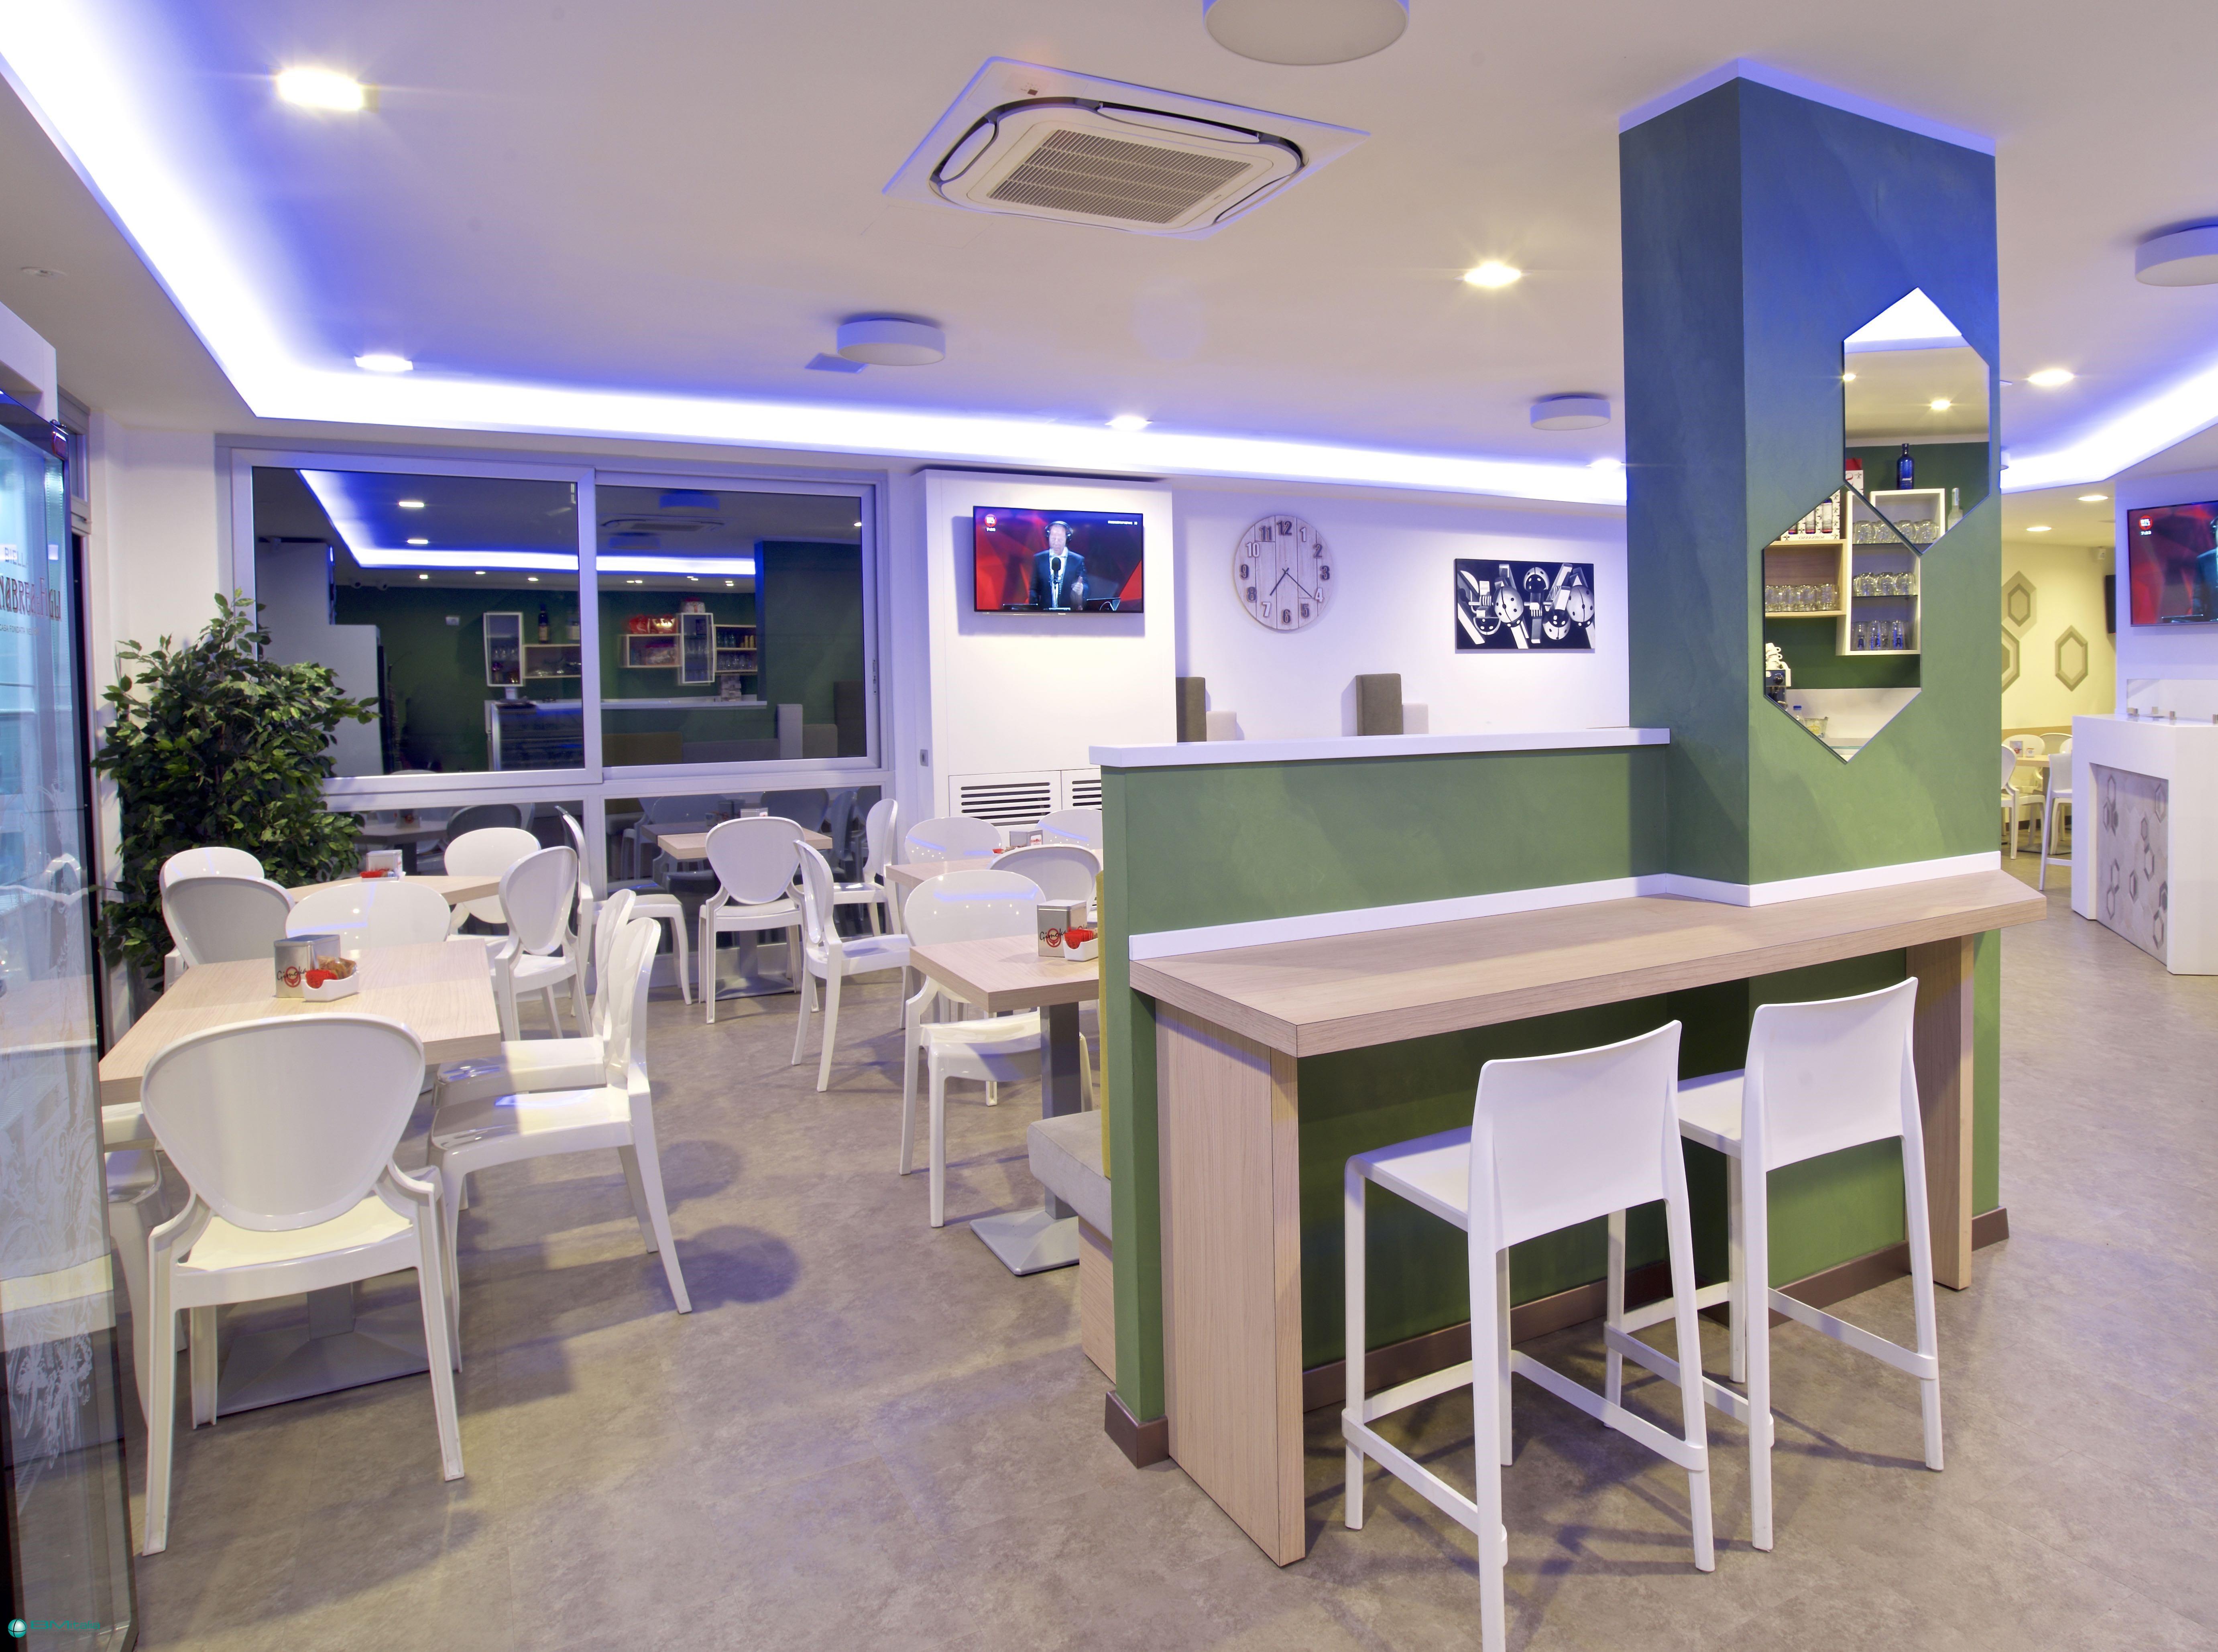 Progetto arredo bar ristorante food and beverage for Progetto arredo